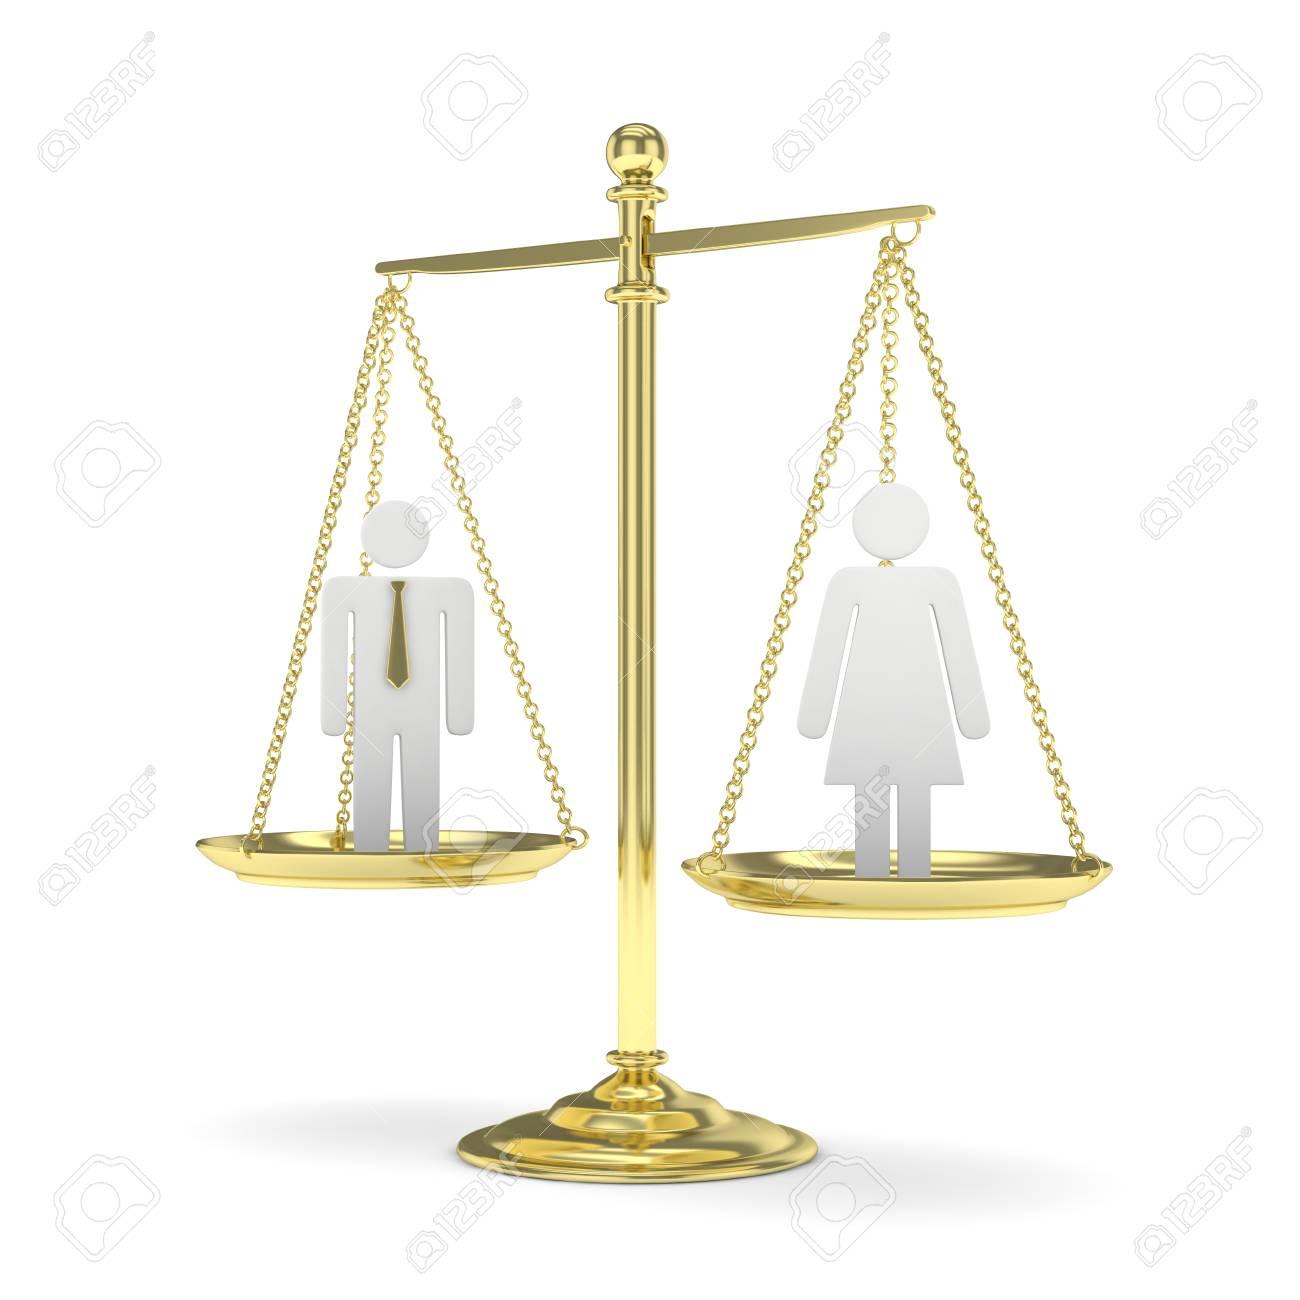 nouveau style af9dc d5524 Balance à l'ancienne démodée avec homme et femme sur fond blanc. Inégalité  des genres. Egalité des sexes. Problèmes de droit Modèle argenté. Rendu 3D